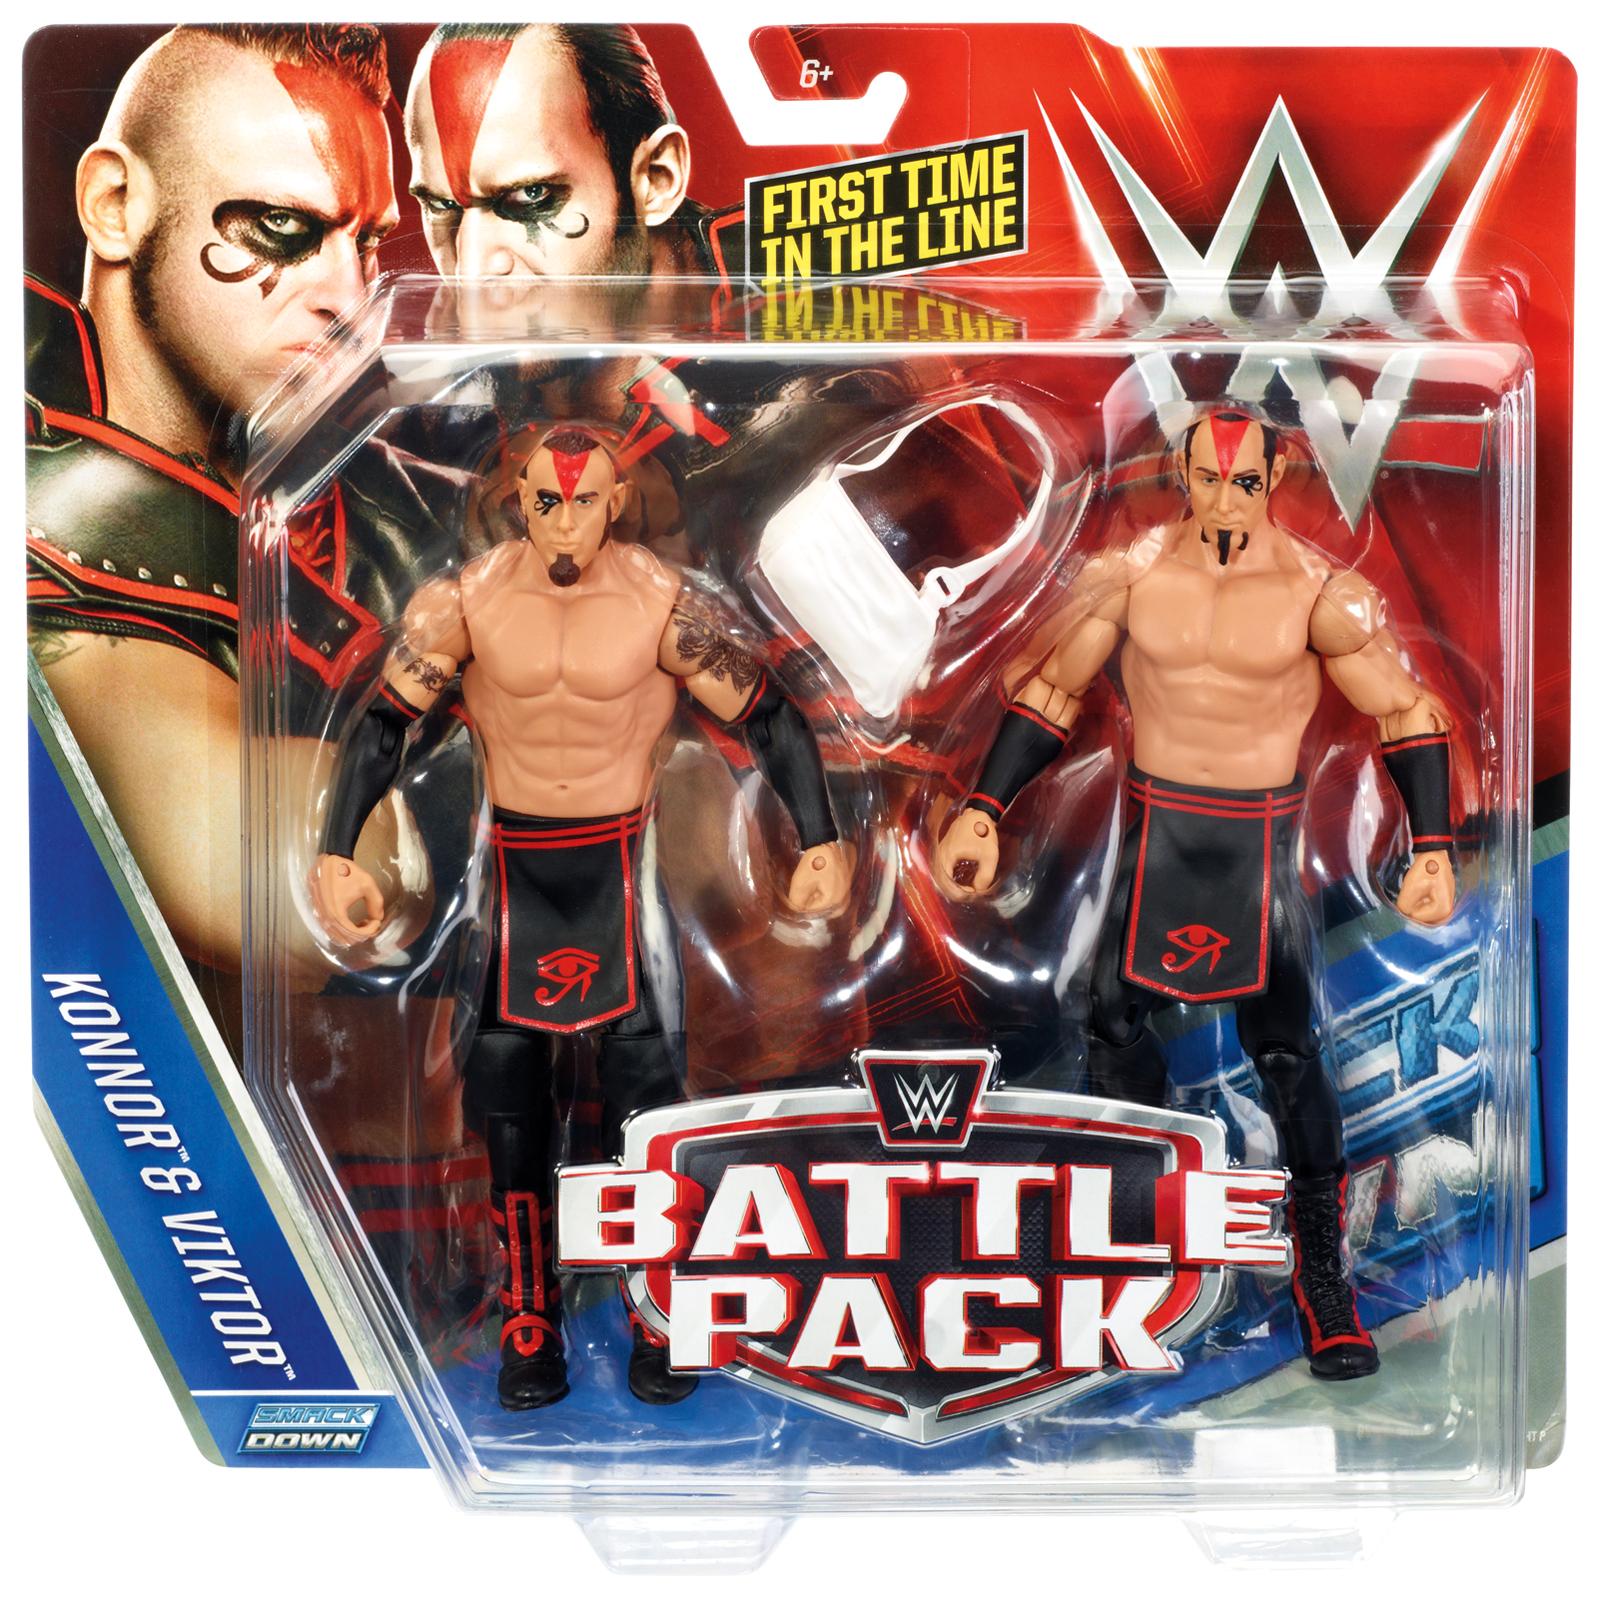 WWE The Ascension (Konnor & Viktor) - WWE Battle Packs 37 Toy Wrestling Action Figures